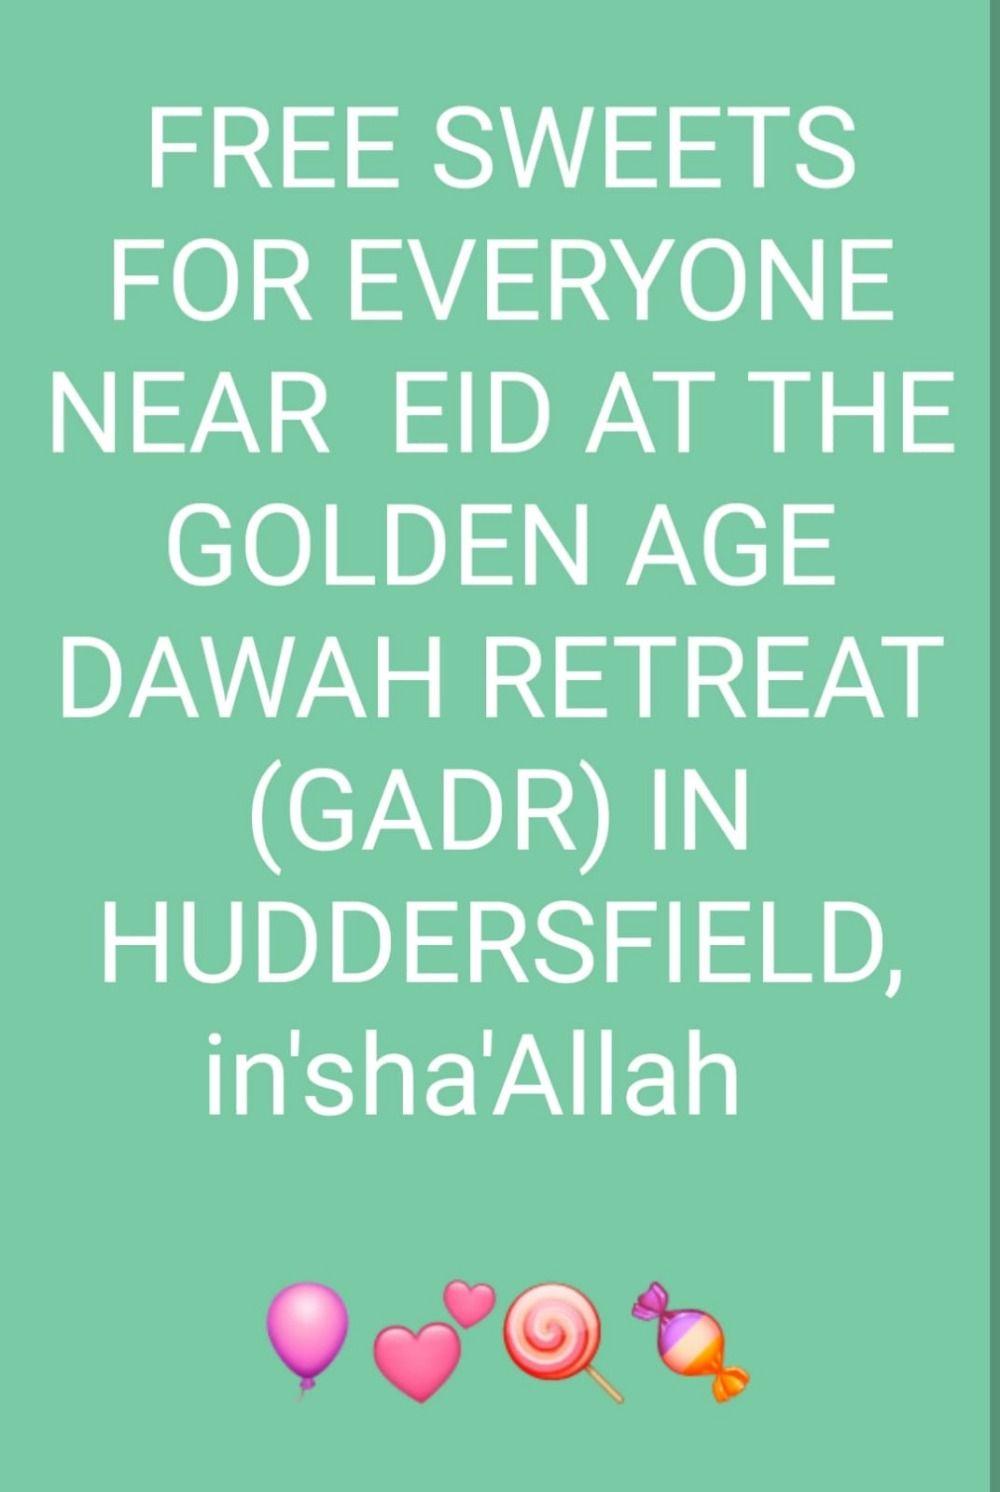 Fundraiser by Dawah Huddersfields Retreat : Gadr - Golden